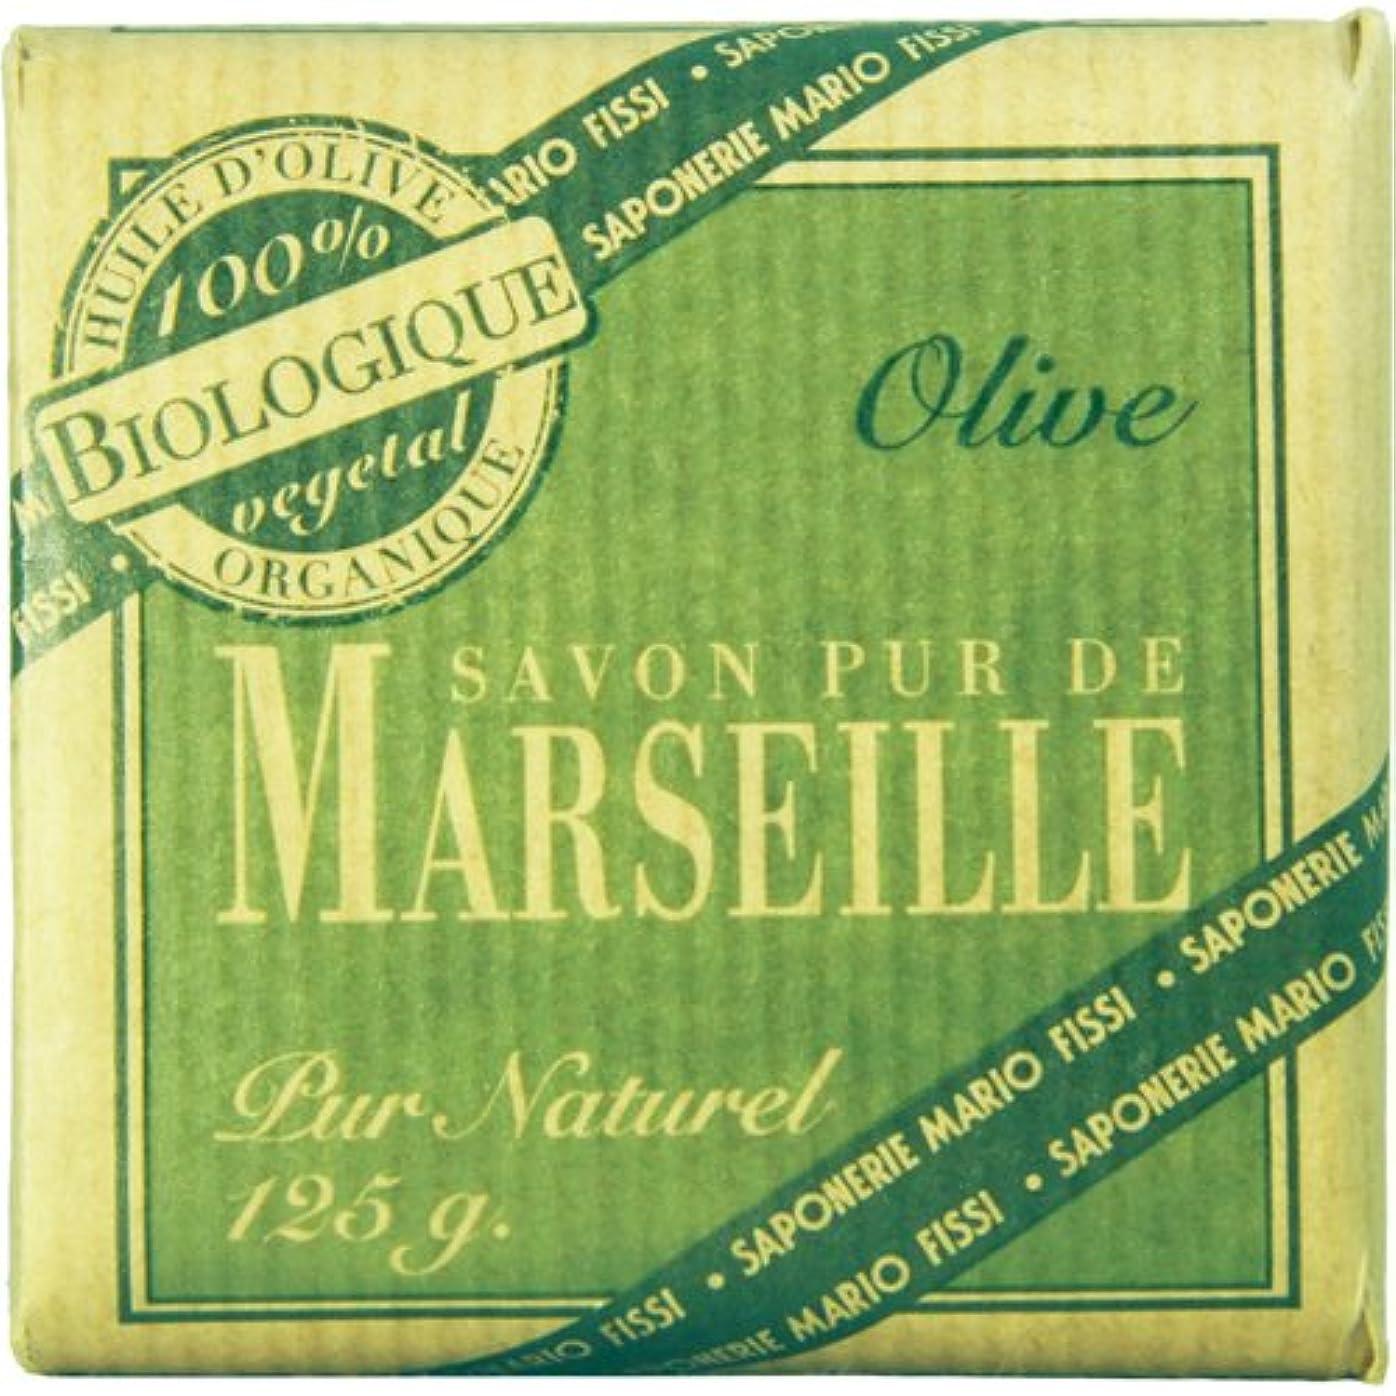 床石注釈を付けるSaponerire Fissi マルセイユシリーズ マルセイユソープ 125g Olive オリーブ